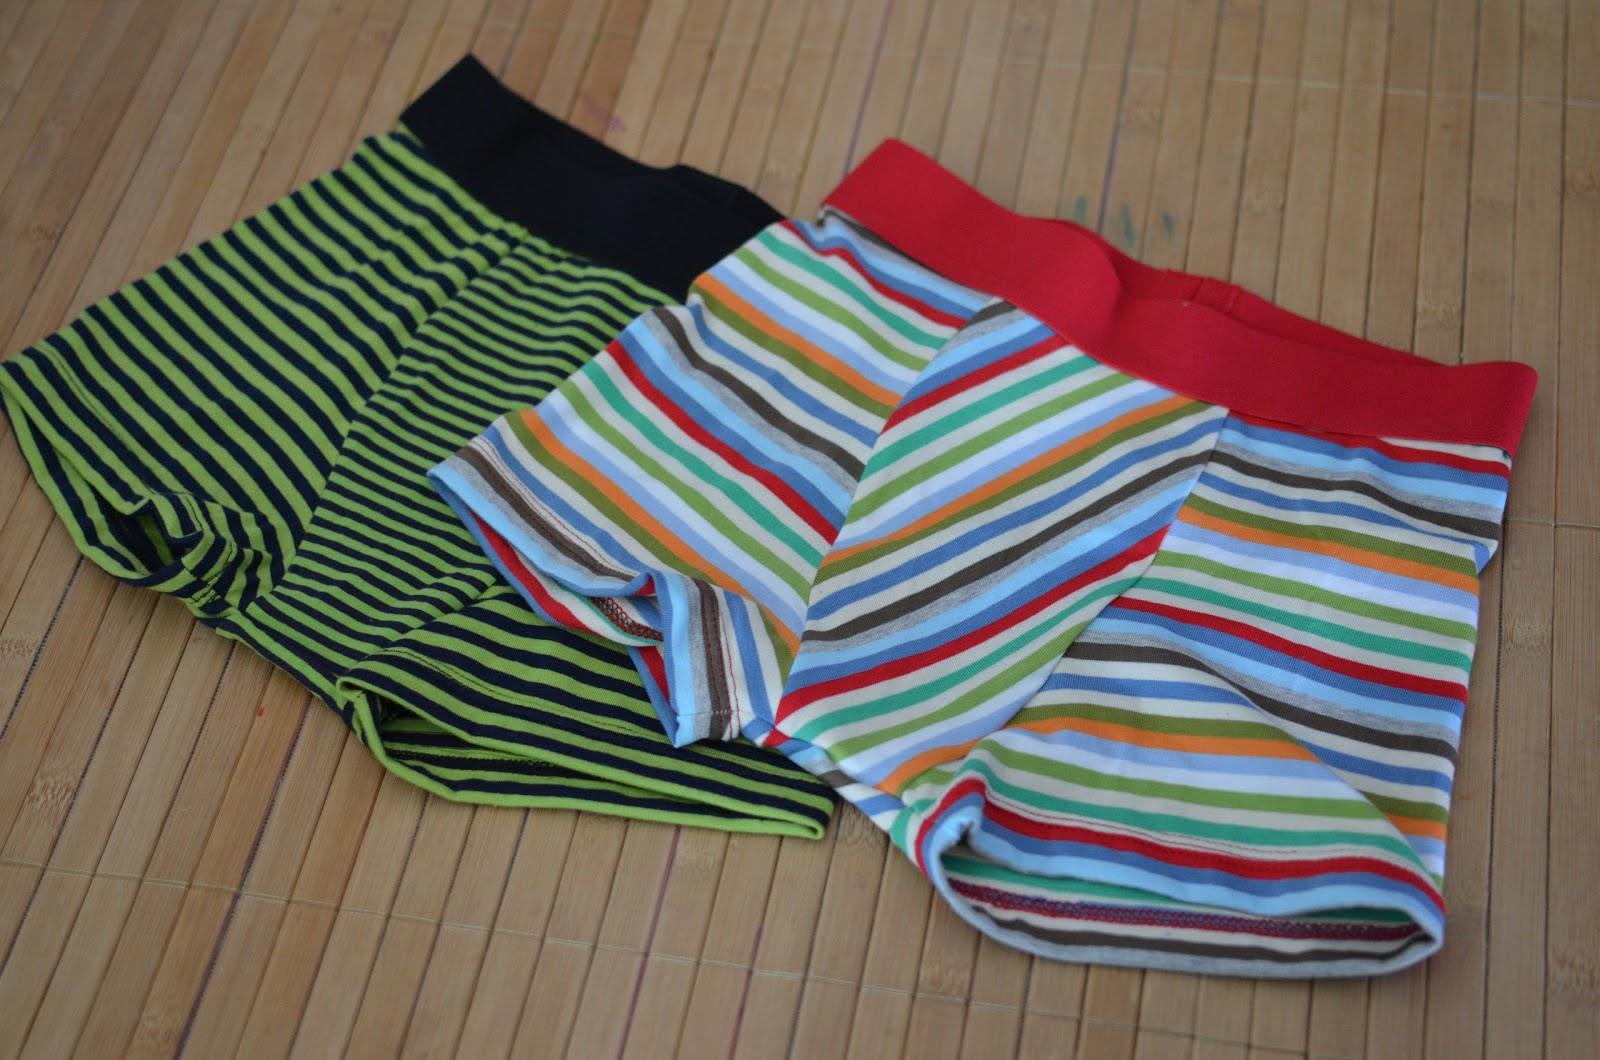 f22d2e4aac0dc Empieza la Semana de costuras íntima de Saiziland ! Cada año que pasa vamos  perdiendo el miedo a las costuras de ropa interior.